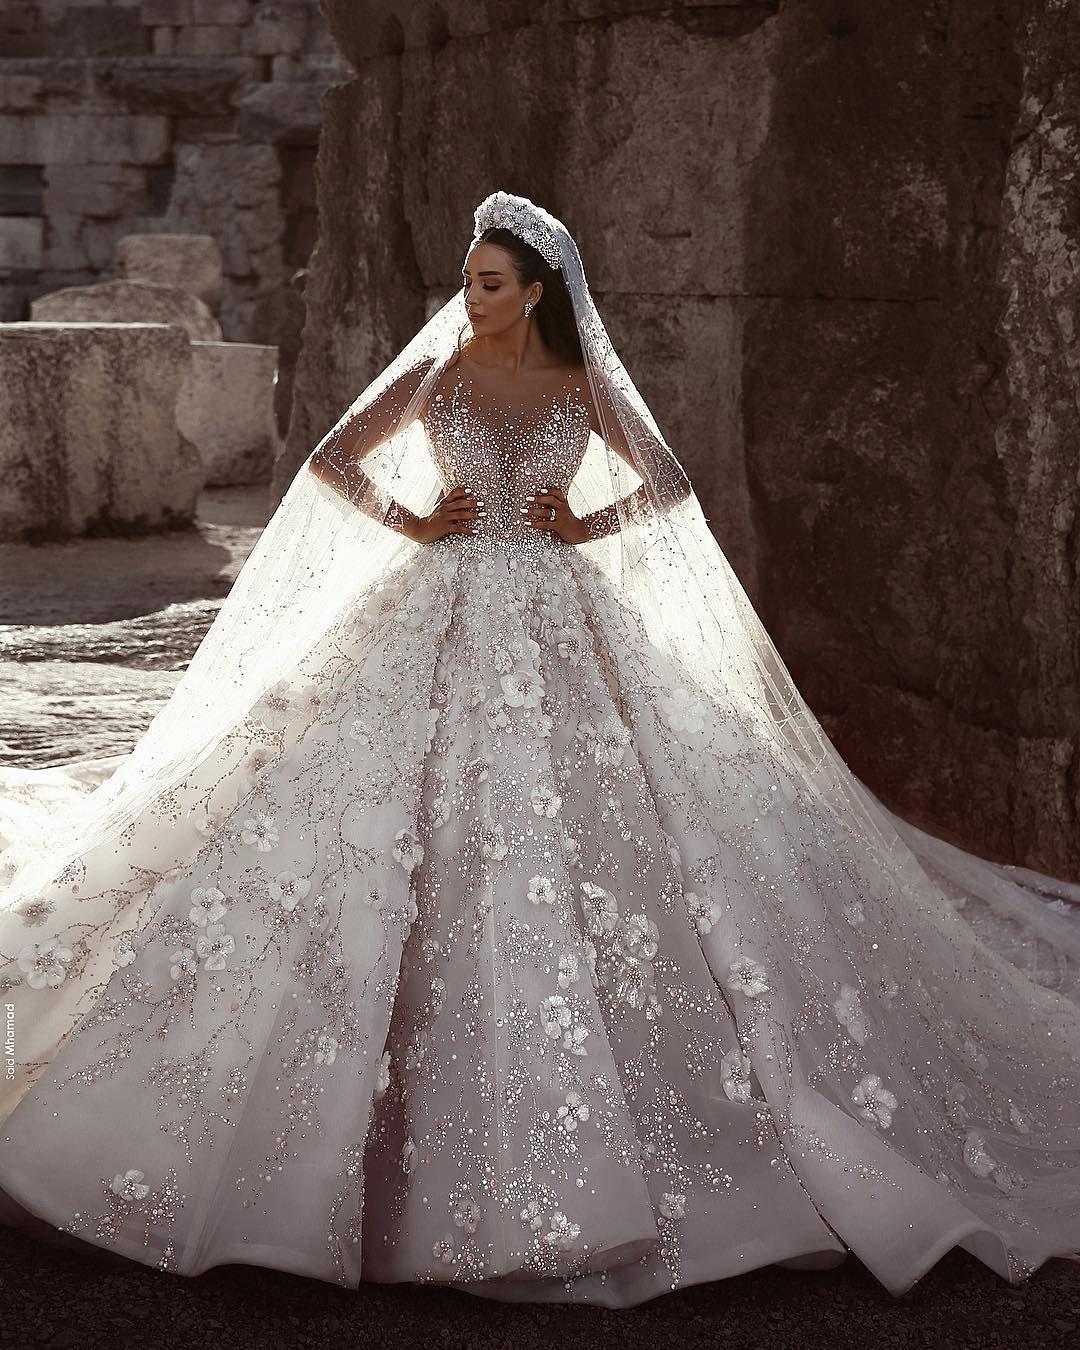 Luxus Brautkleider Mit Ärmel A Linie Spitze Hochzeitskleider Kristal Modellnummer: BC0151 #flowerdresses